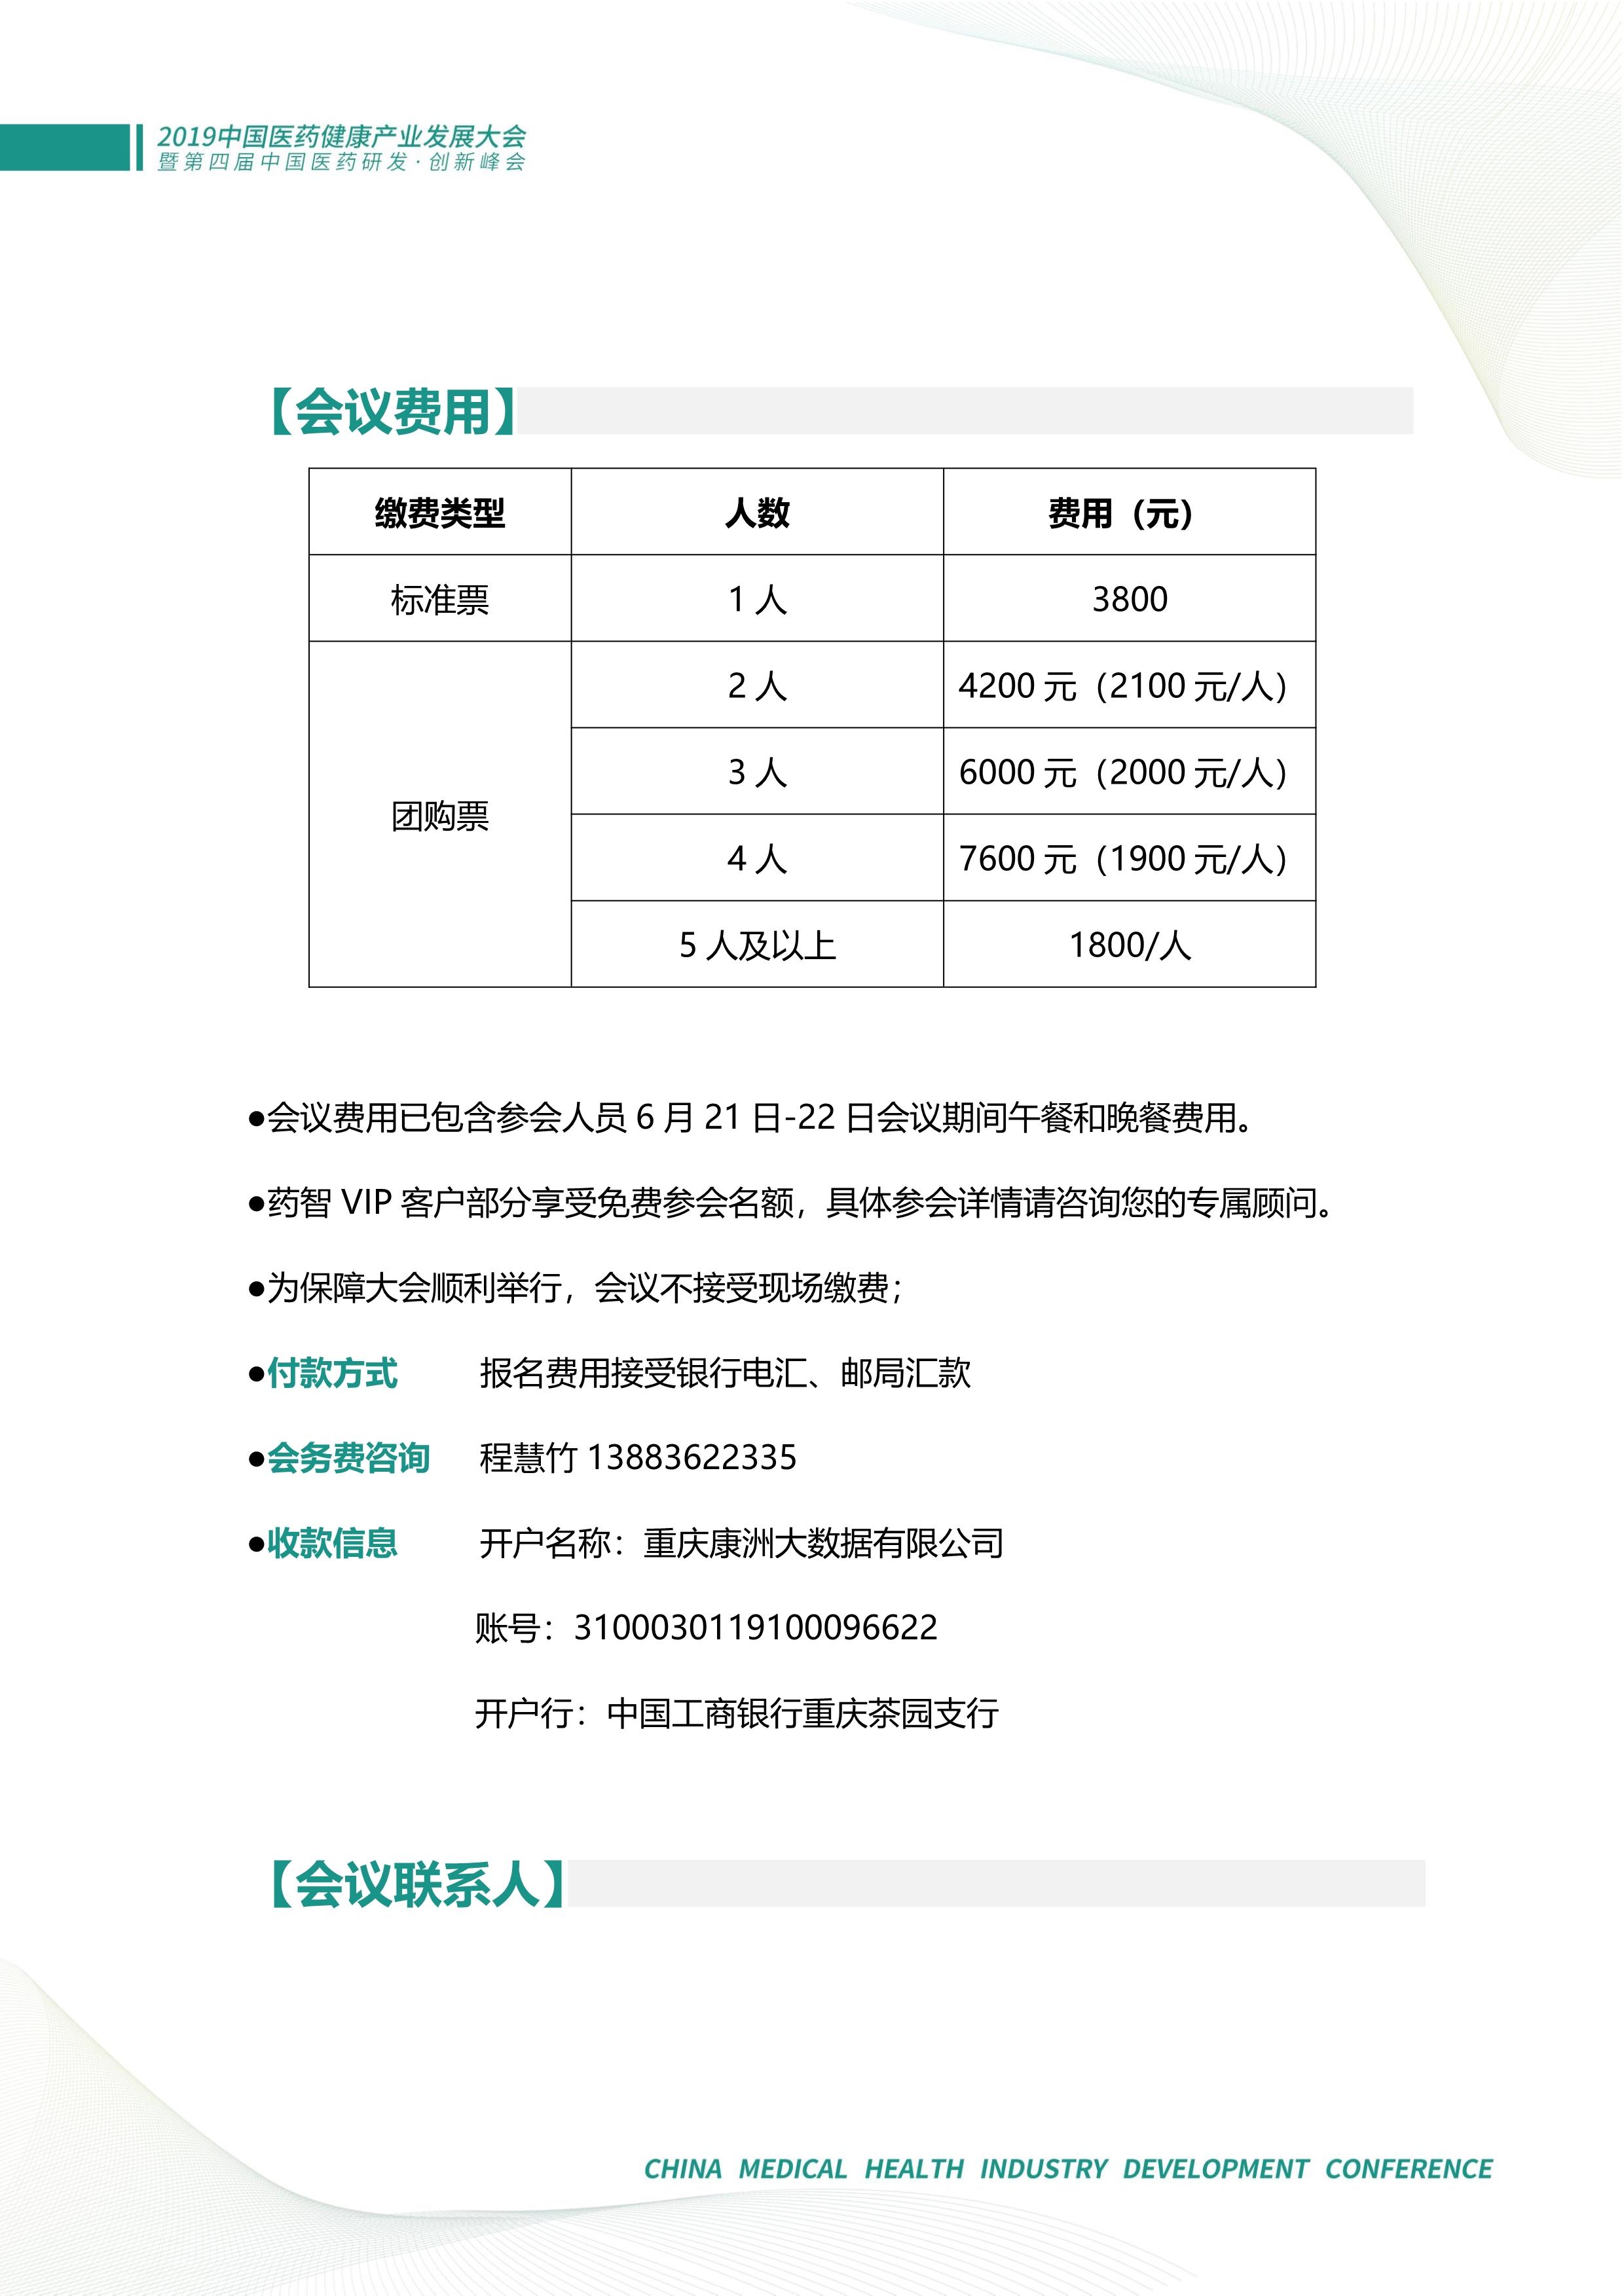 2019年第四届中国医药研发•创新峰会-邀请函0529(1)_8